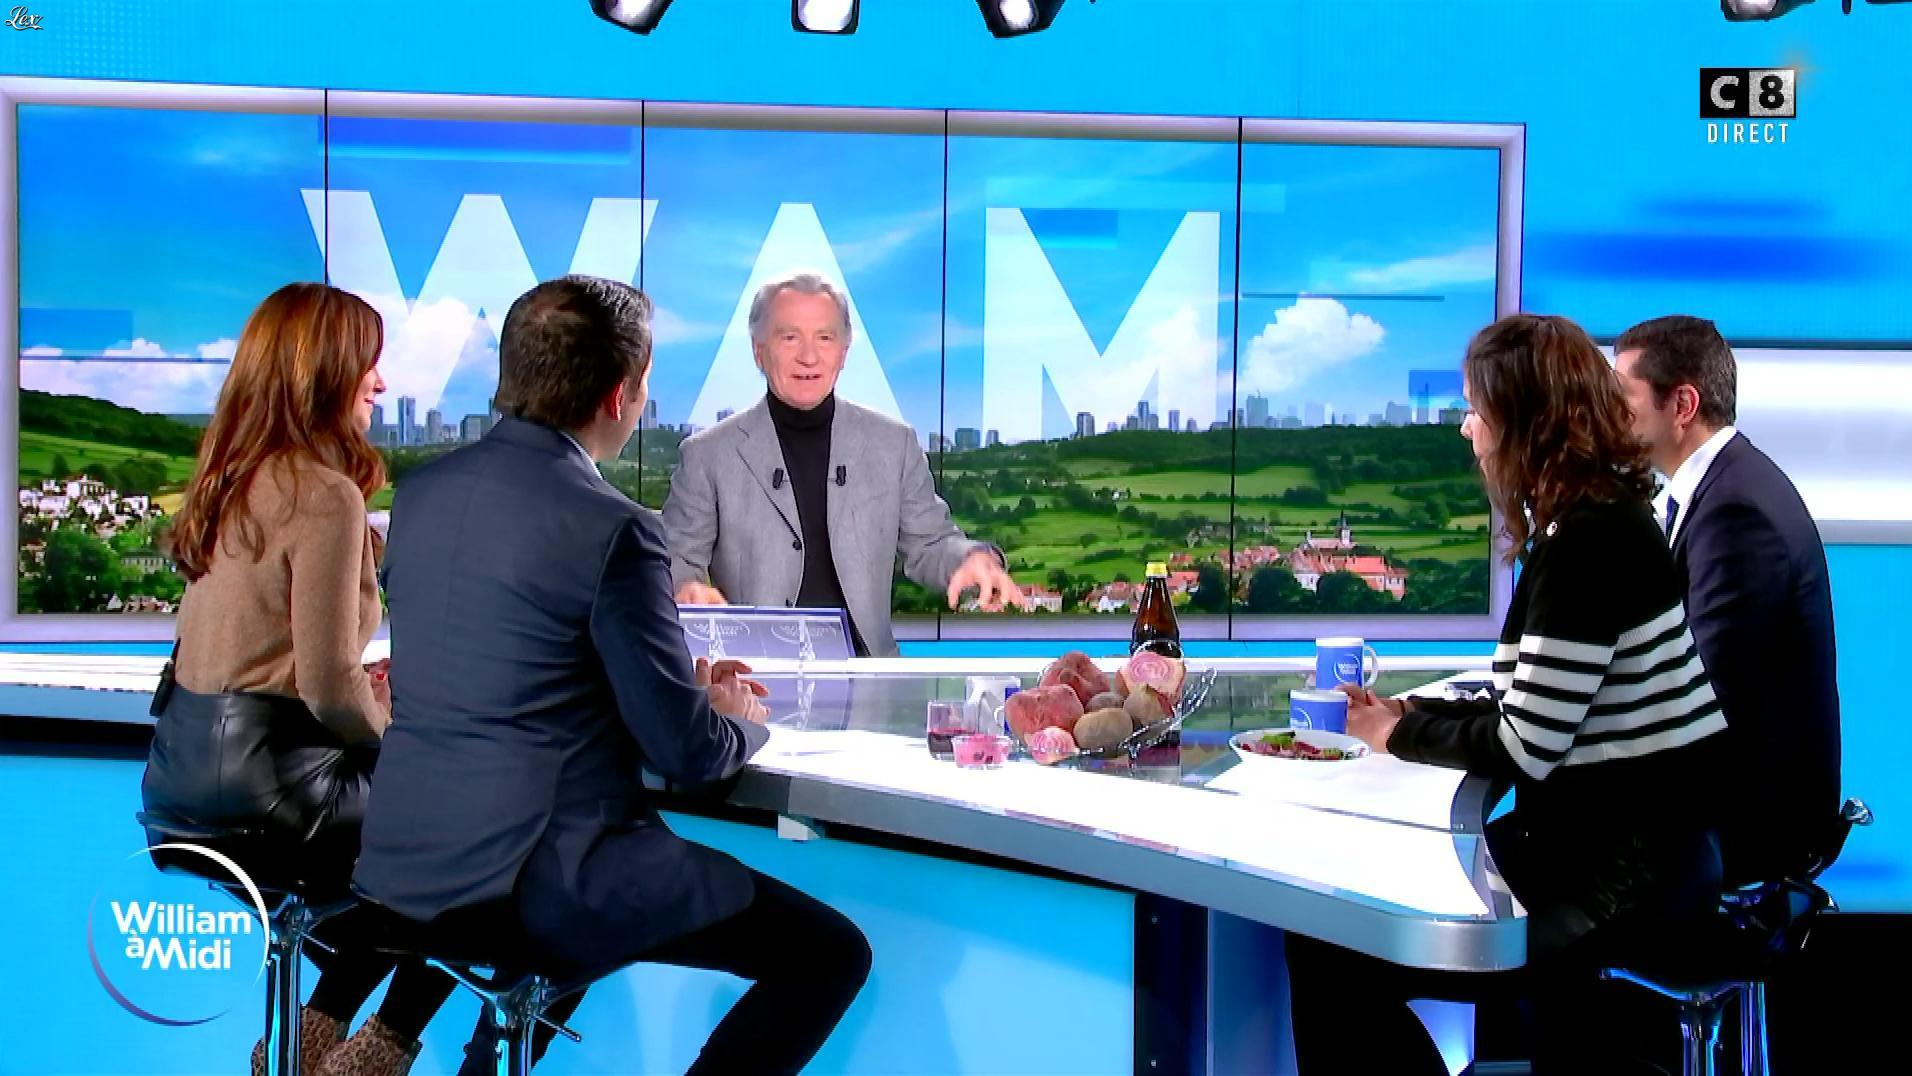 Caroline Munoz et Raphaele Marchal dans William à Midi. Diffusé à la télévision le 05/12/19.